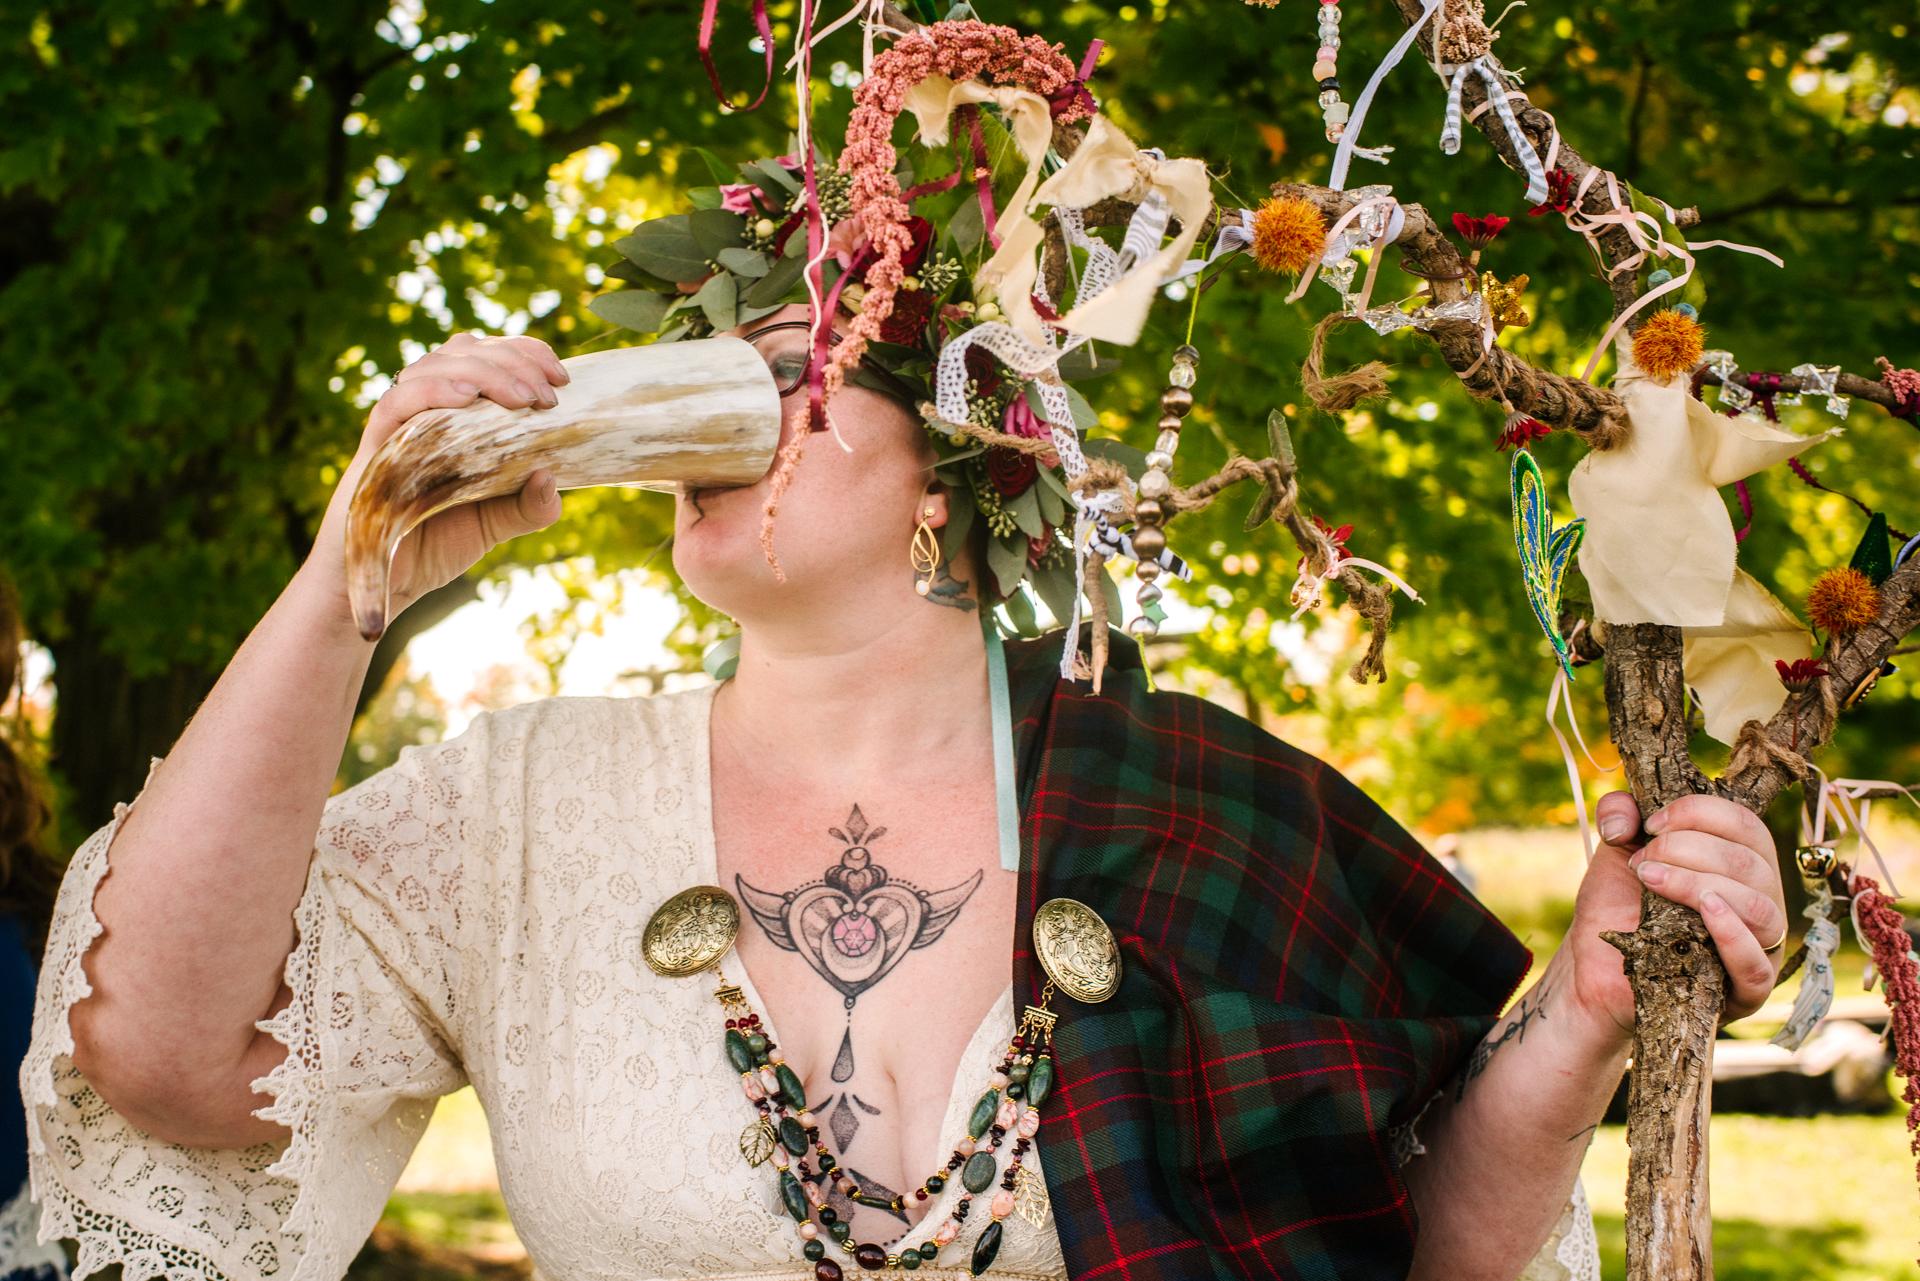 The Bee Spot, Ontário - Fotografia de Casamento | A noiva bebe champanhe sem álcool em seu chifre